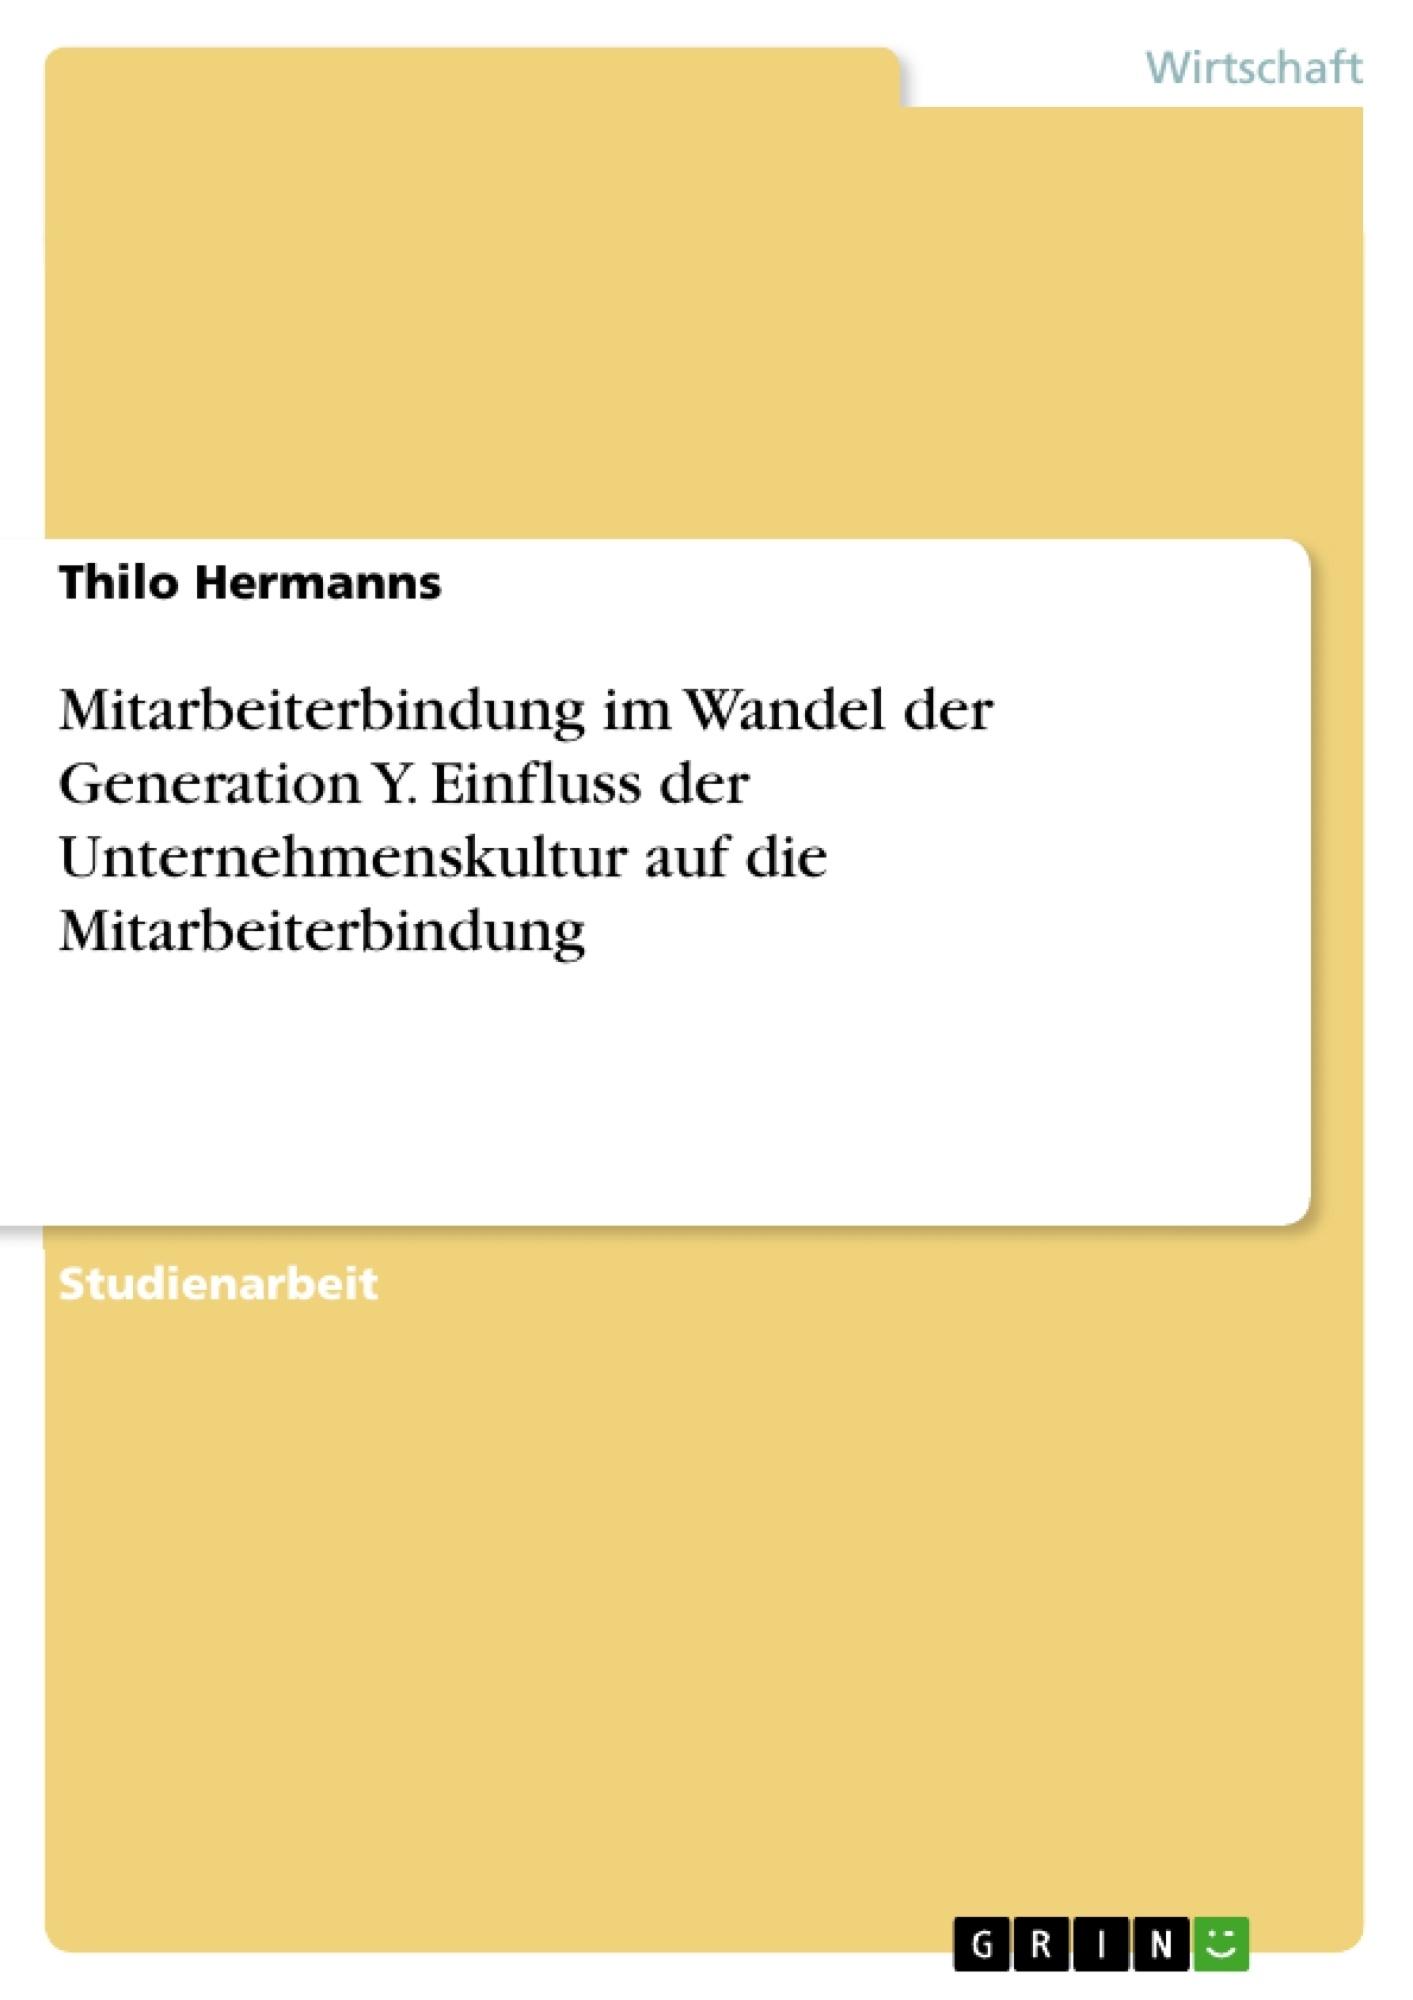 Titel: Mitarbeiterbindung im Wandel der Generation Y. Einfluss der Unternehmenskultur auf die Mitarbeiterbindung